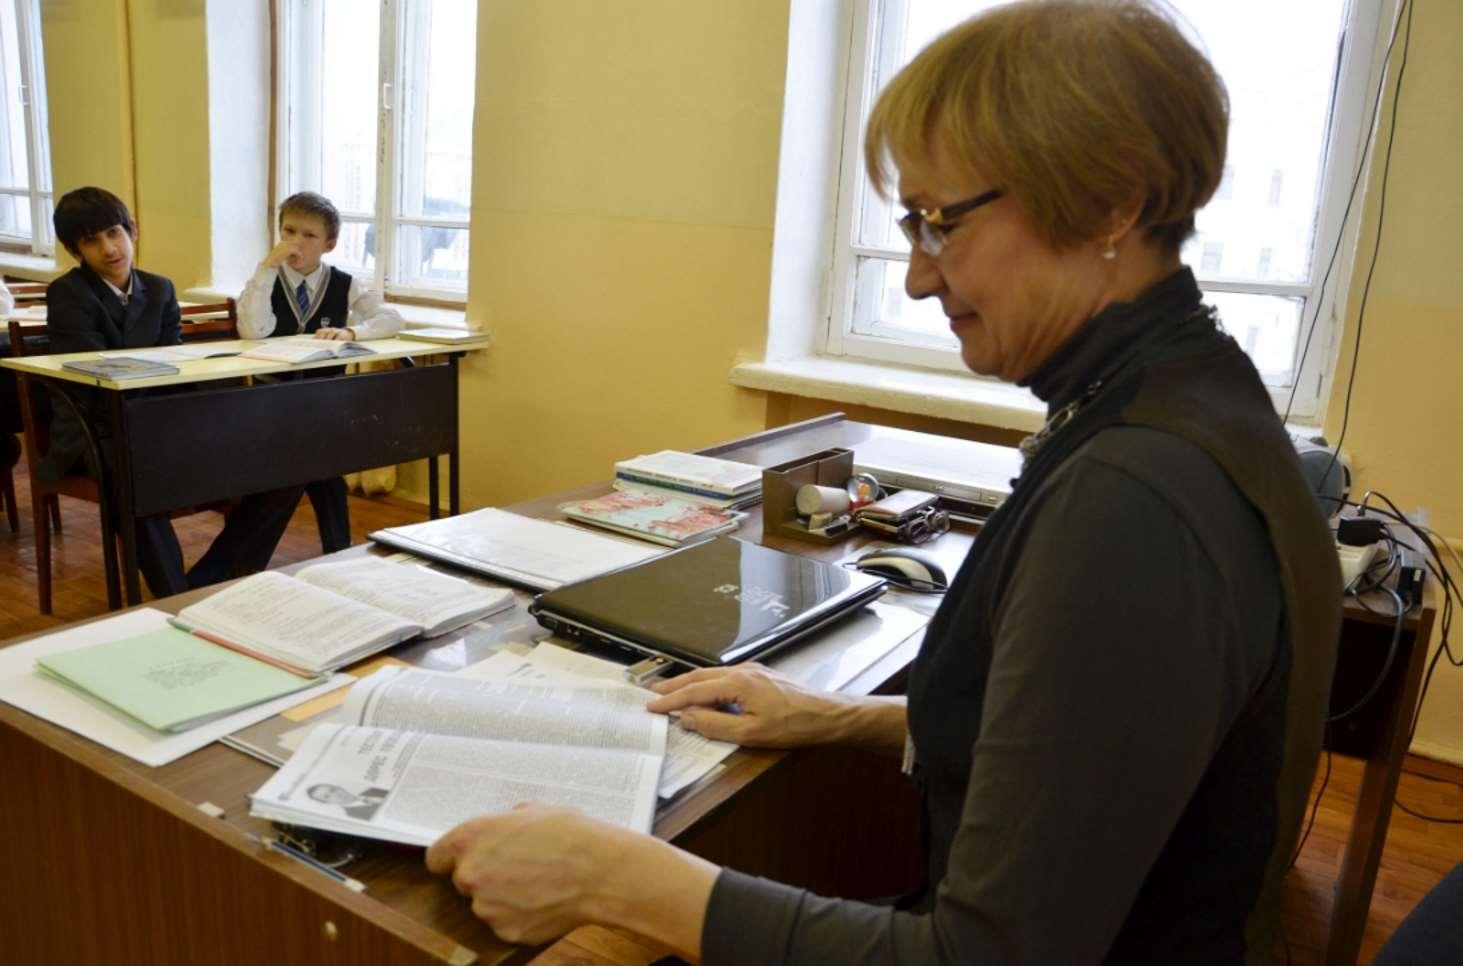 uchitel-usomnilsya-v-gryadushhem-sokrashhenii-otchetnosti-v-shkolah